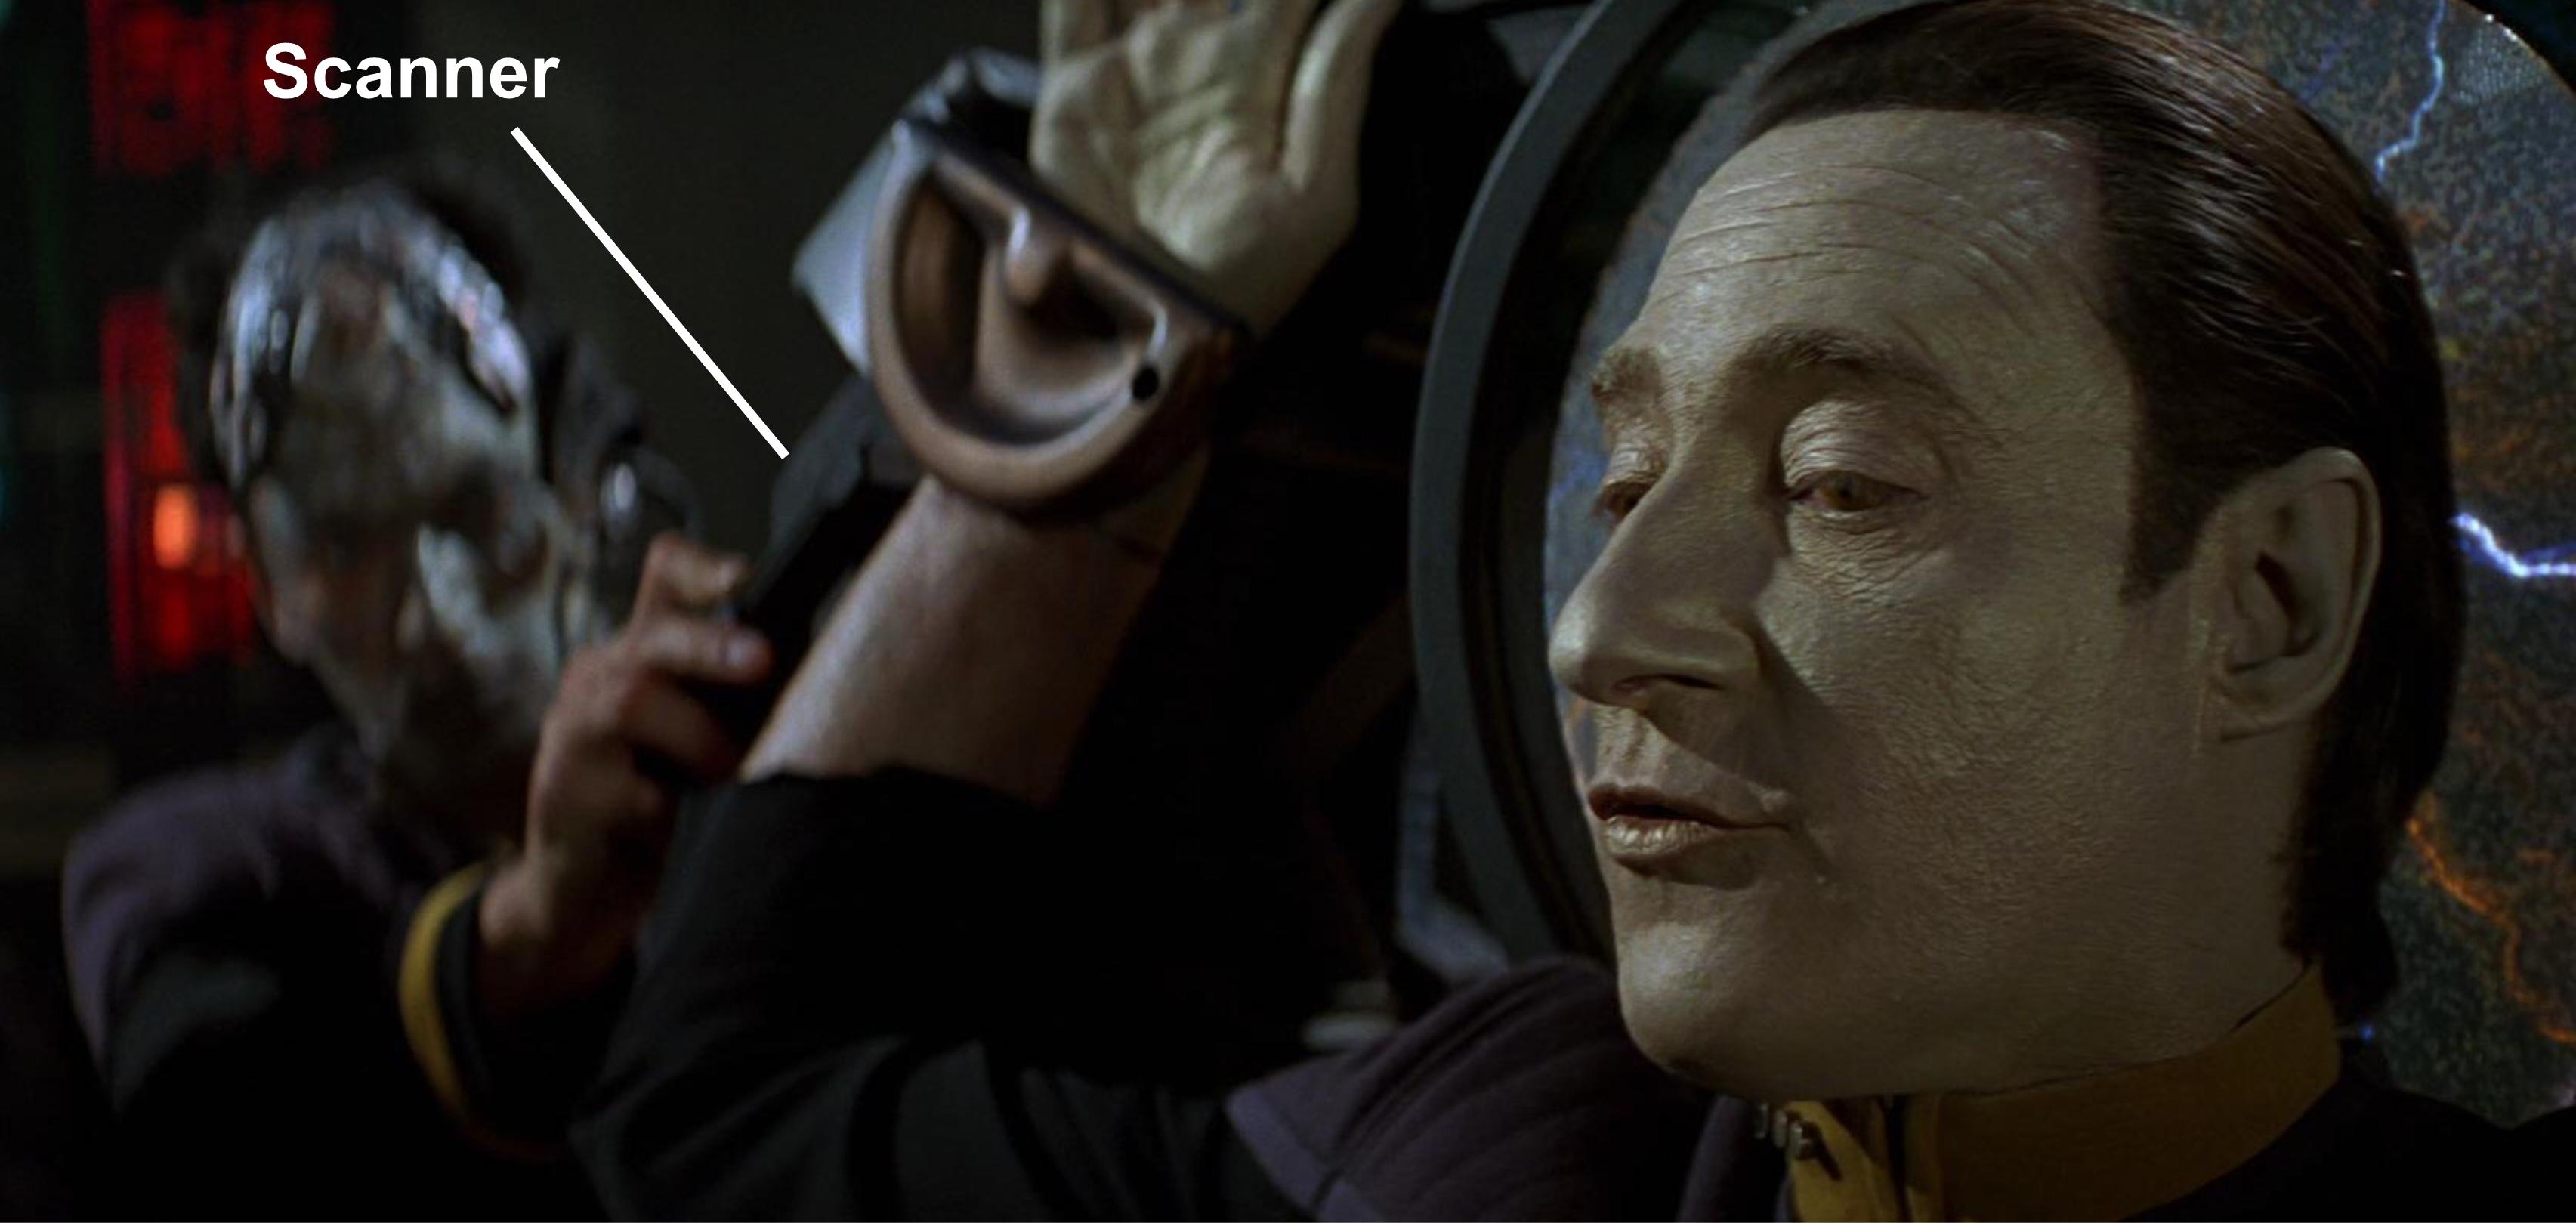 Voyager-Scanner.jpg